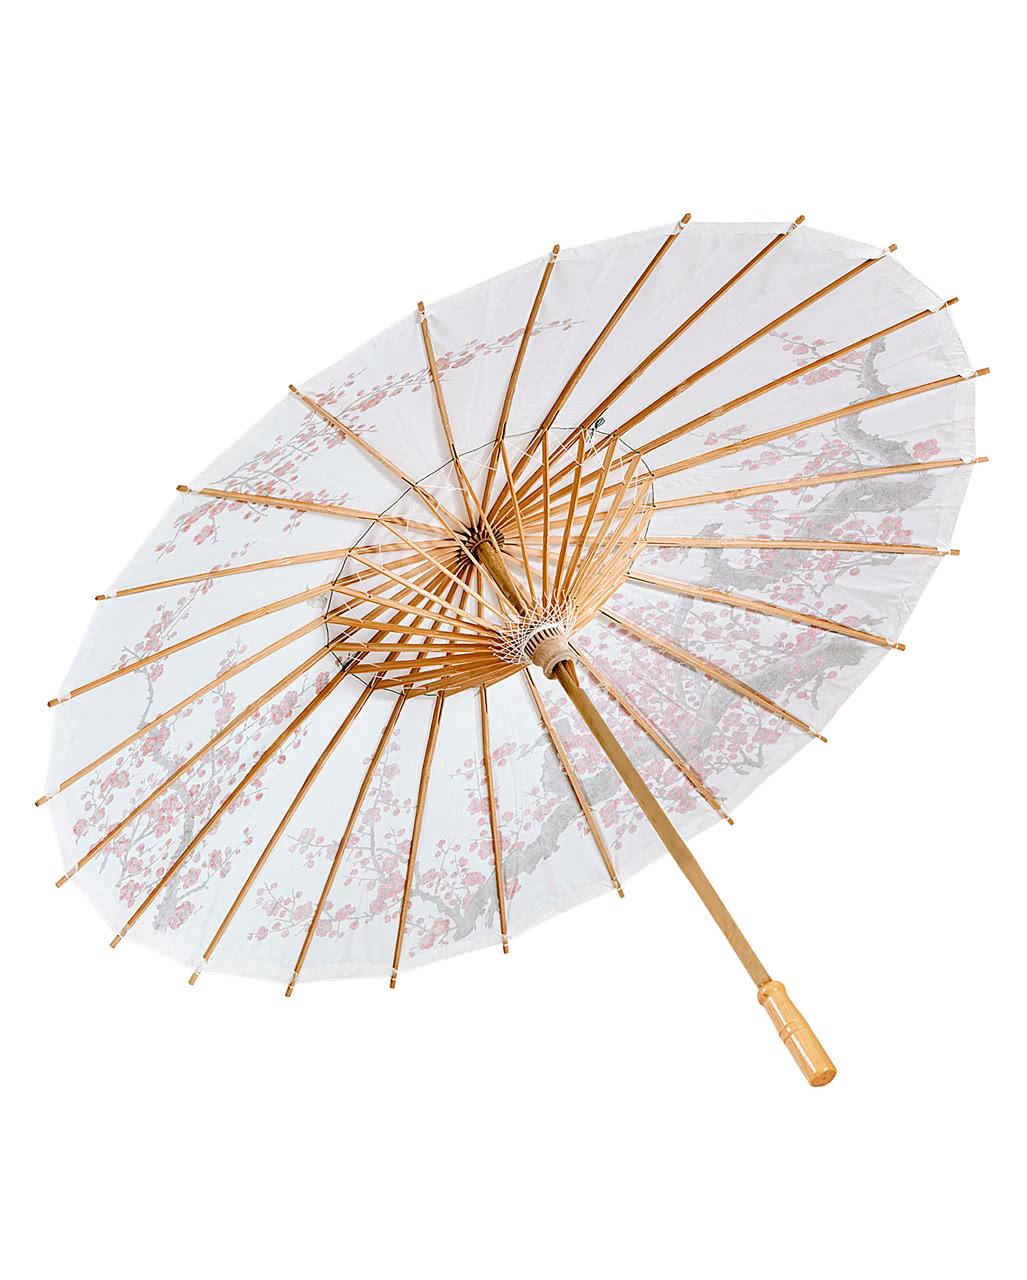 Sonnenschirm Asiatisch reispapier sonnenschirm asiatisch für kostüme karneval universe